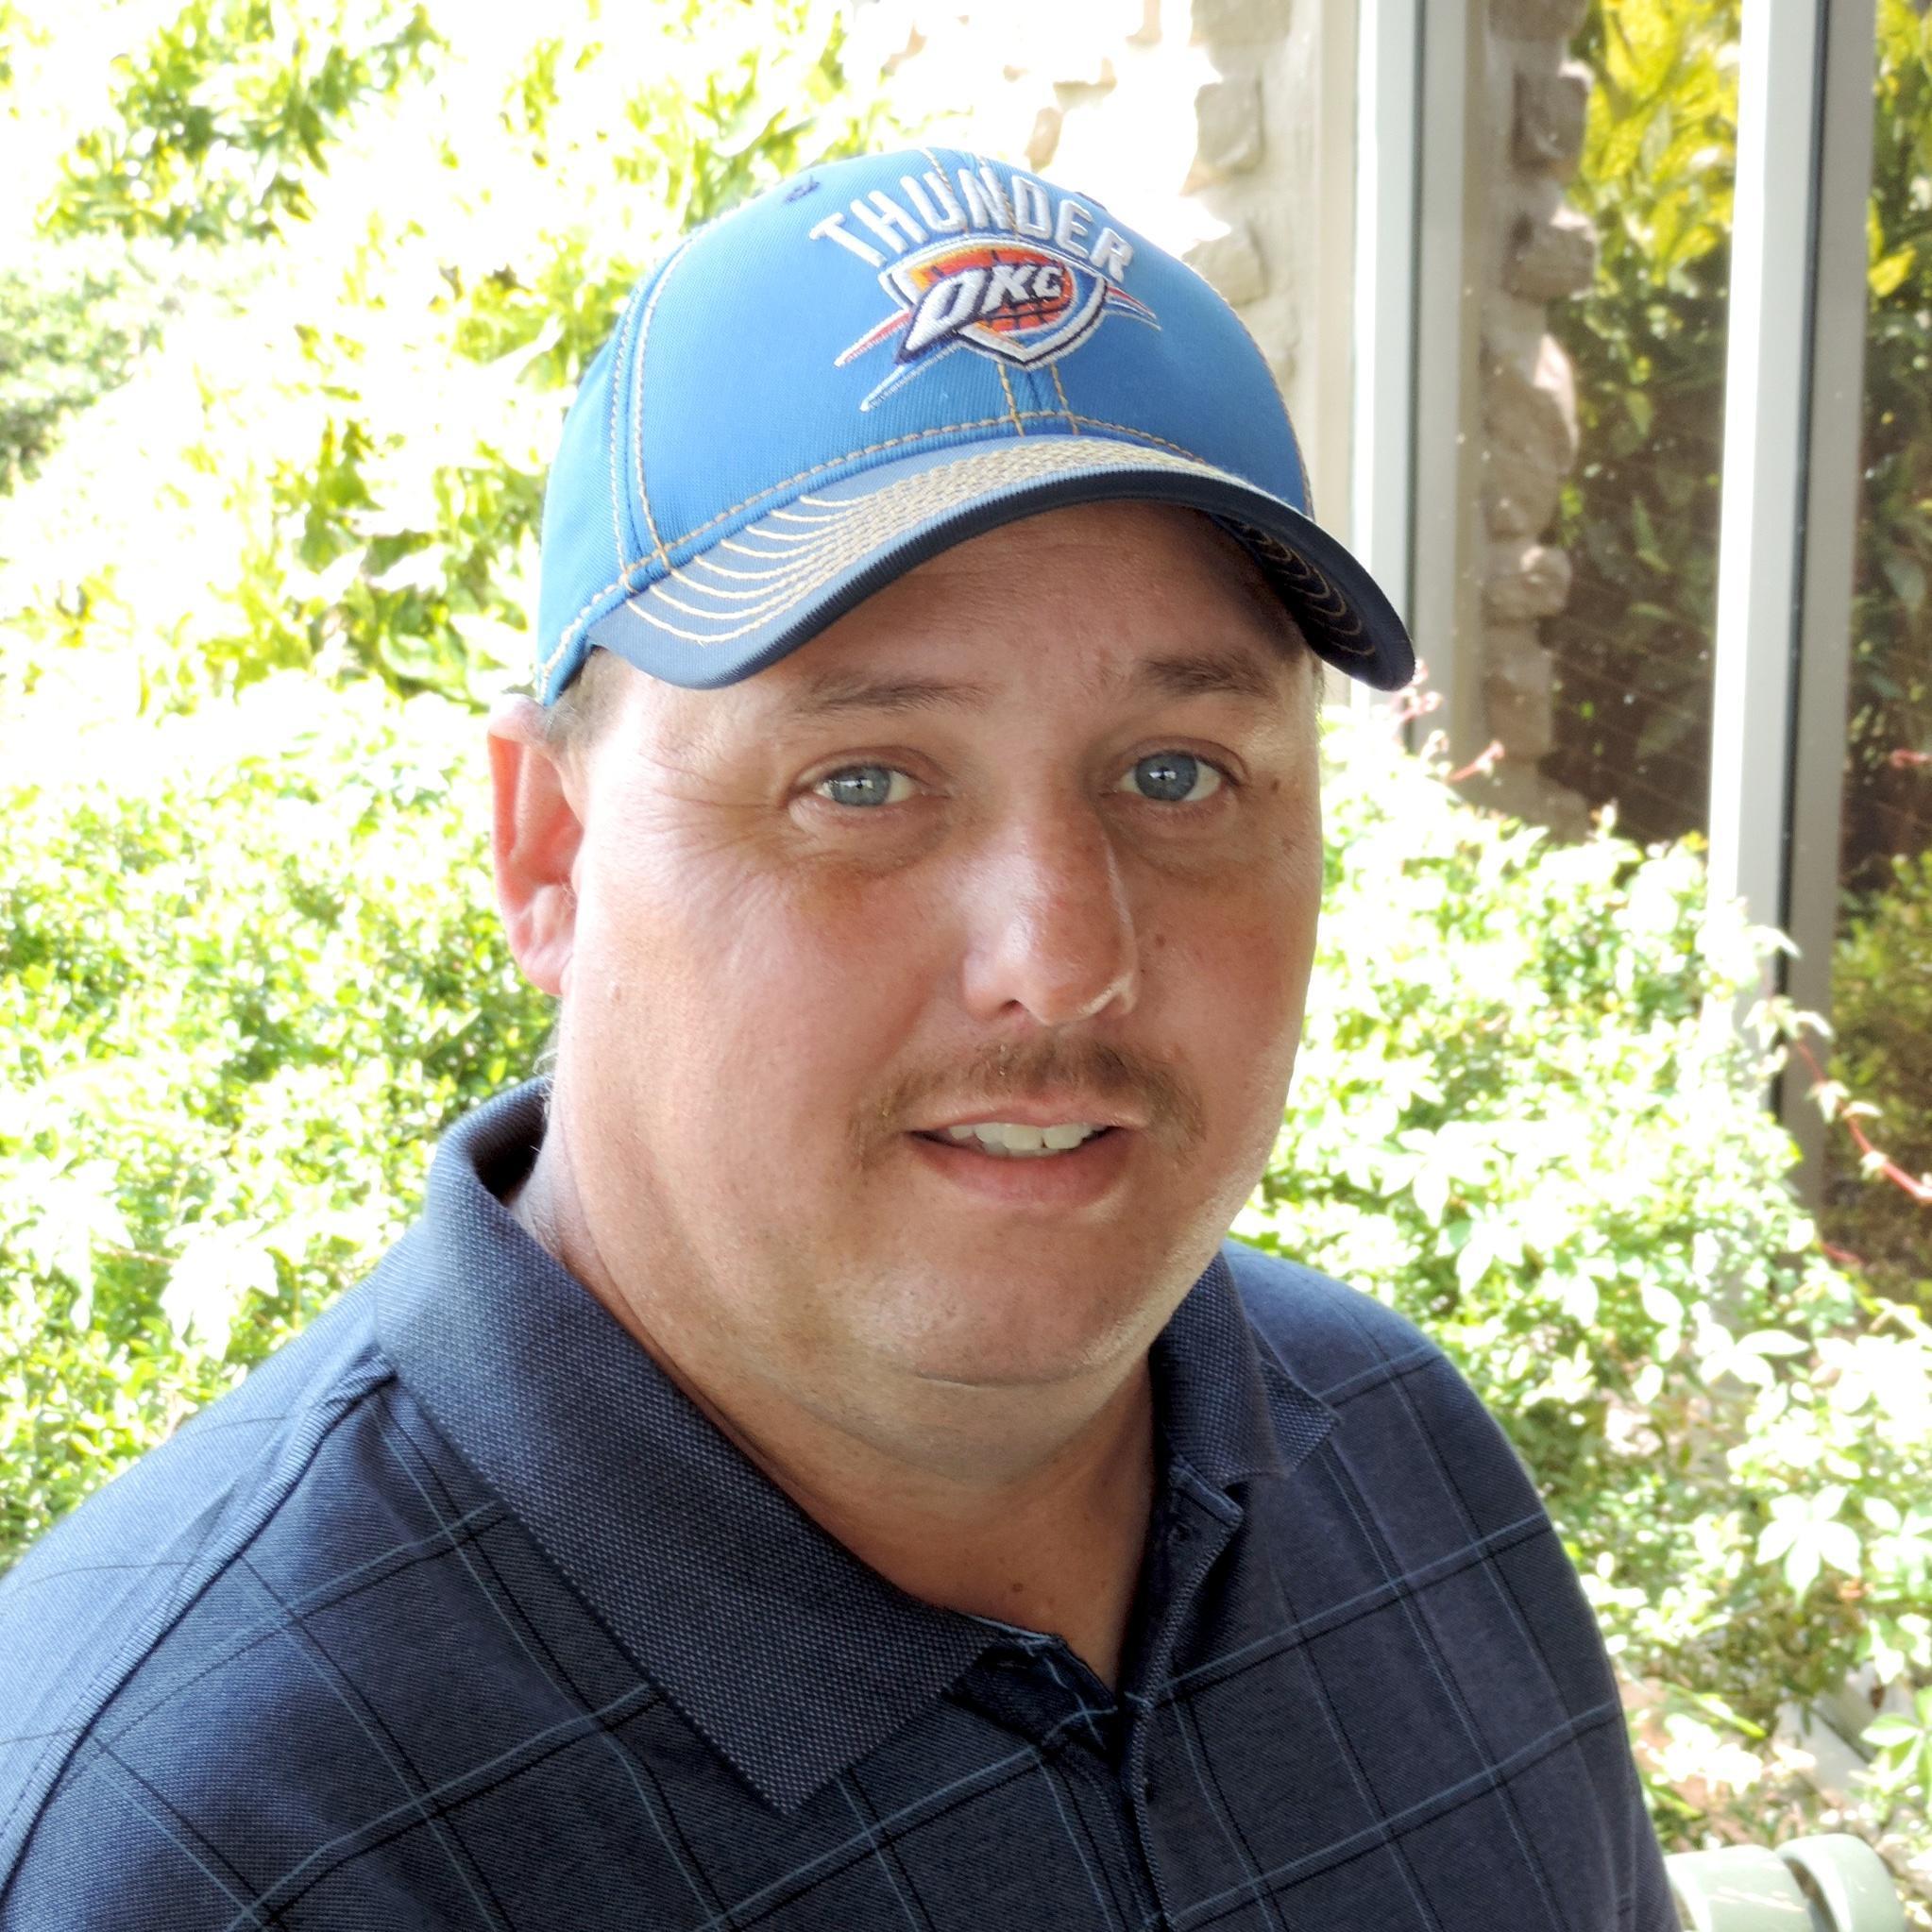 Daniel Bost's Profile Photo